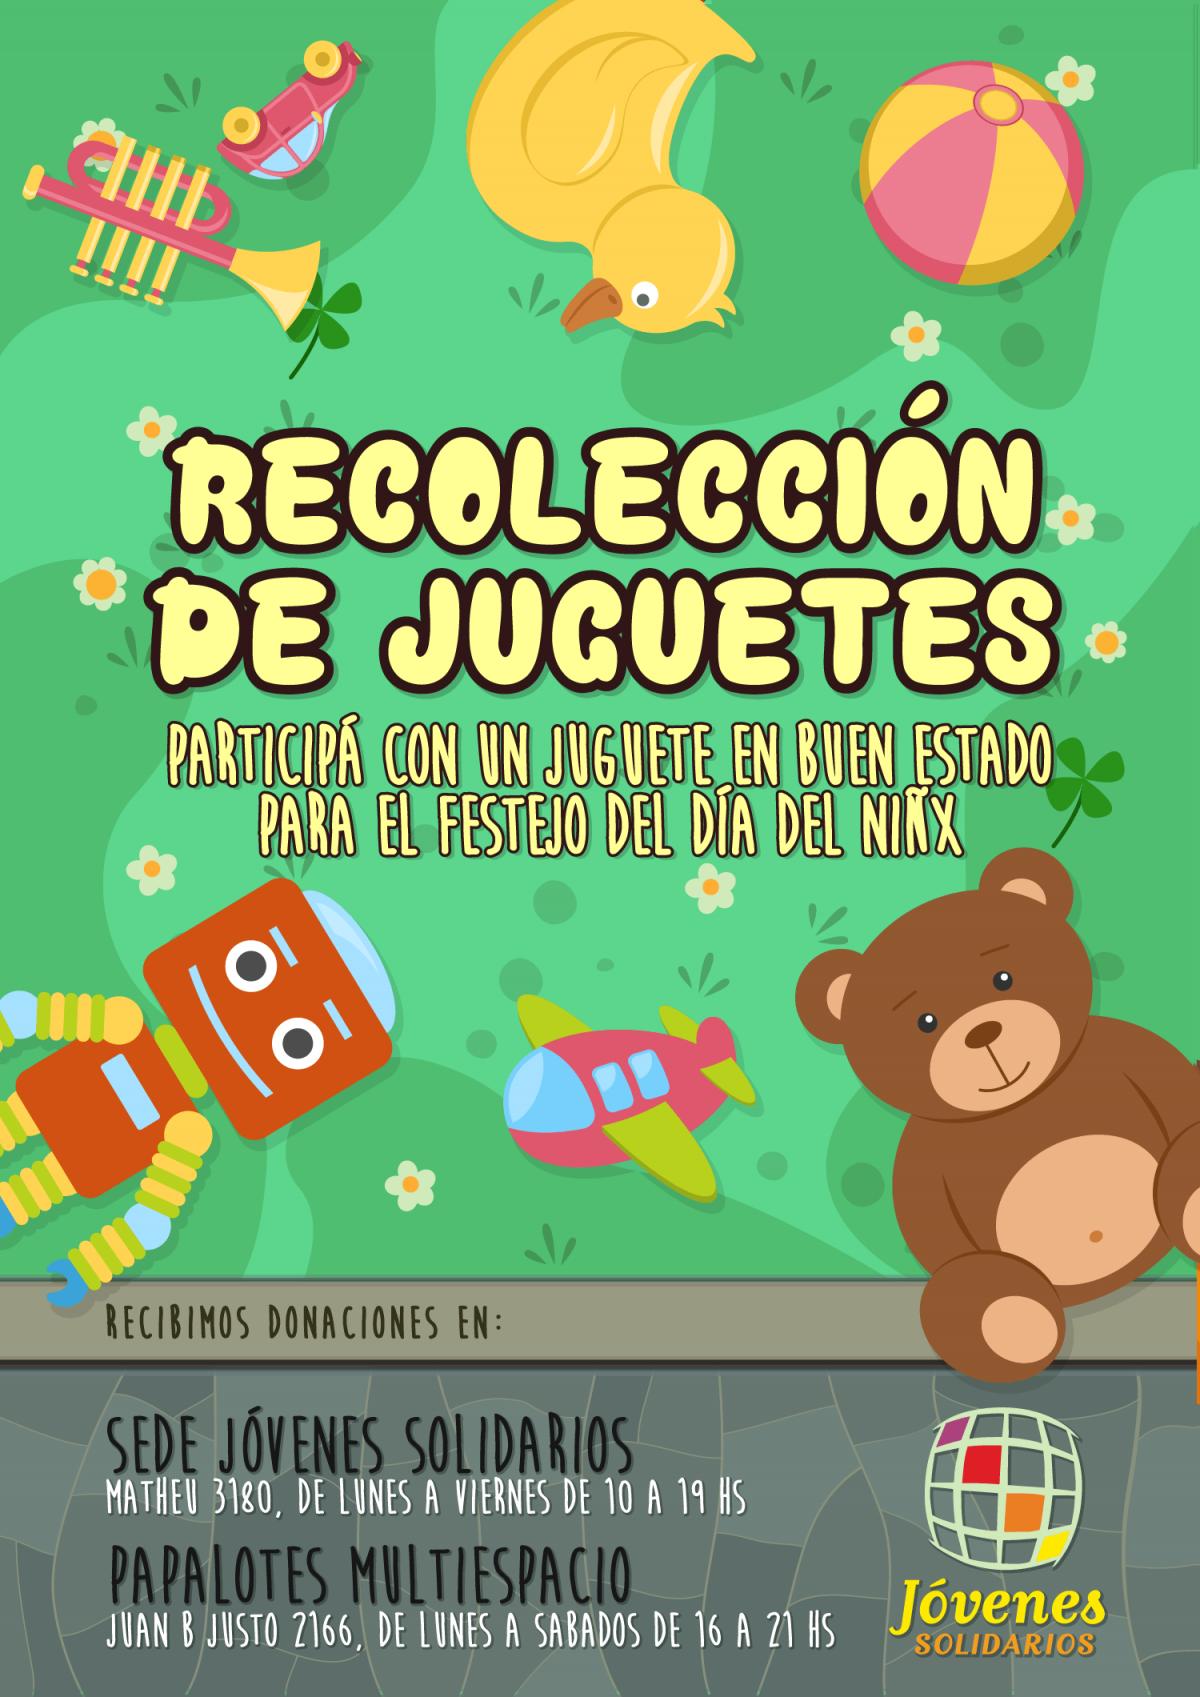 """Jóvenes Solidarios recolecta juguetes para el """"Festejo del día del niñx"""""""